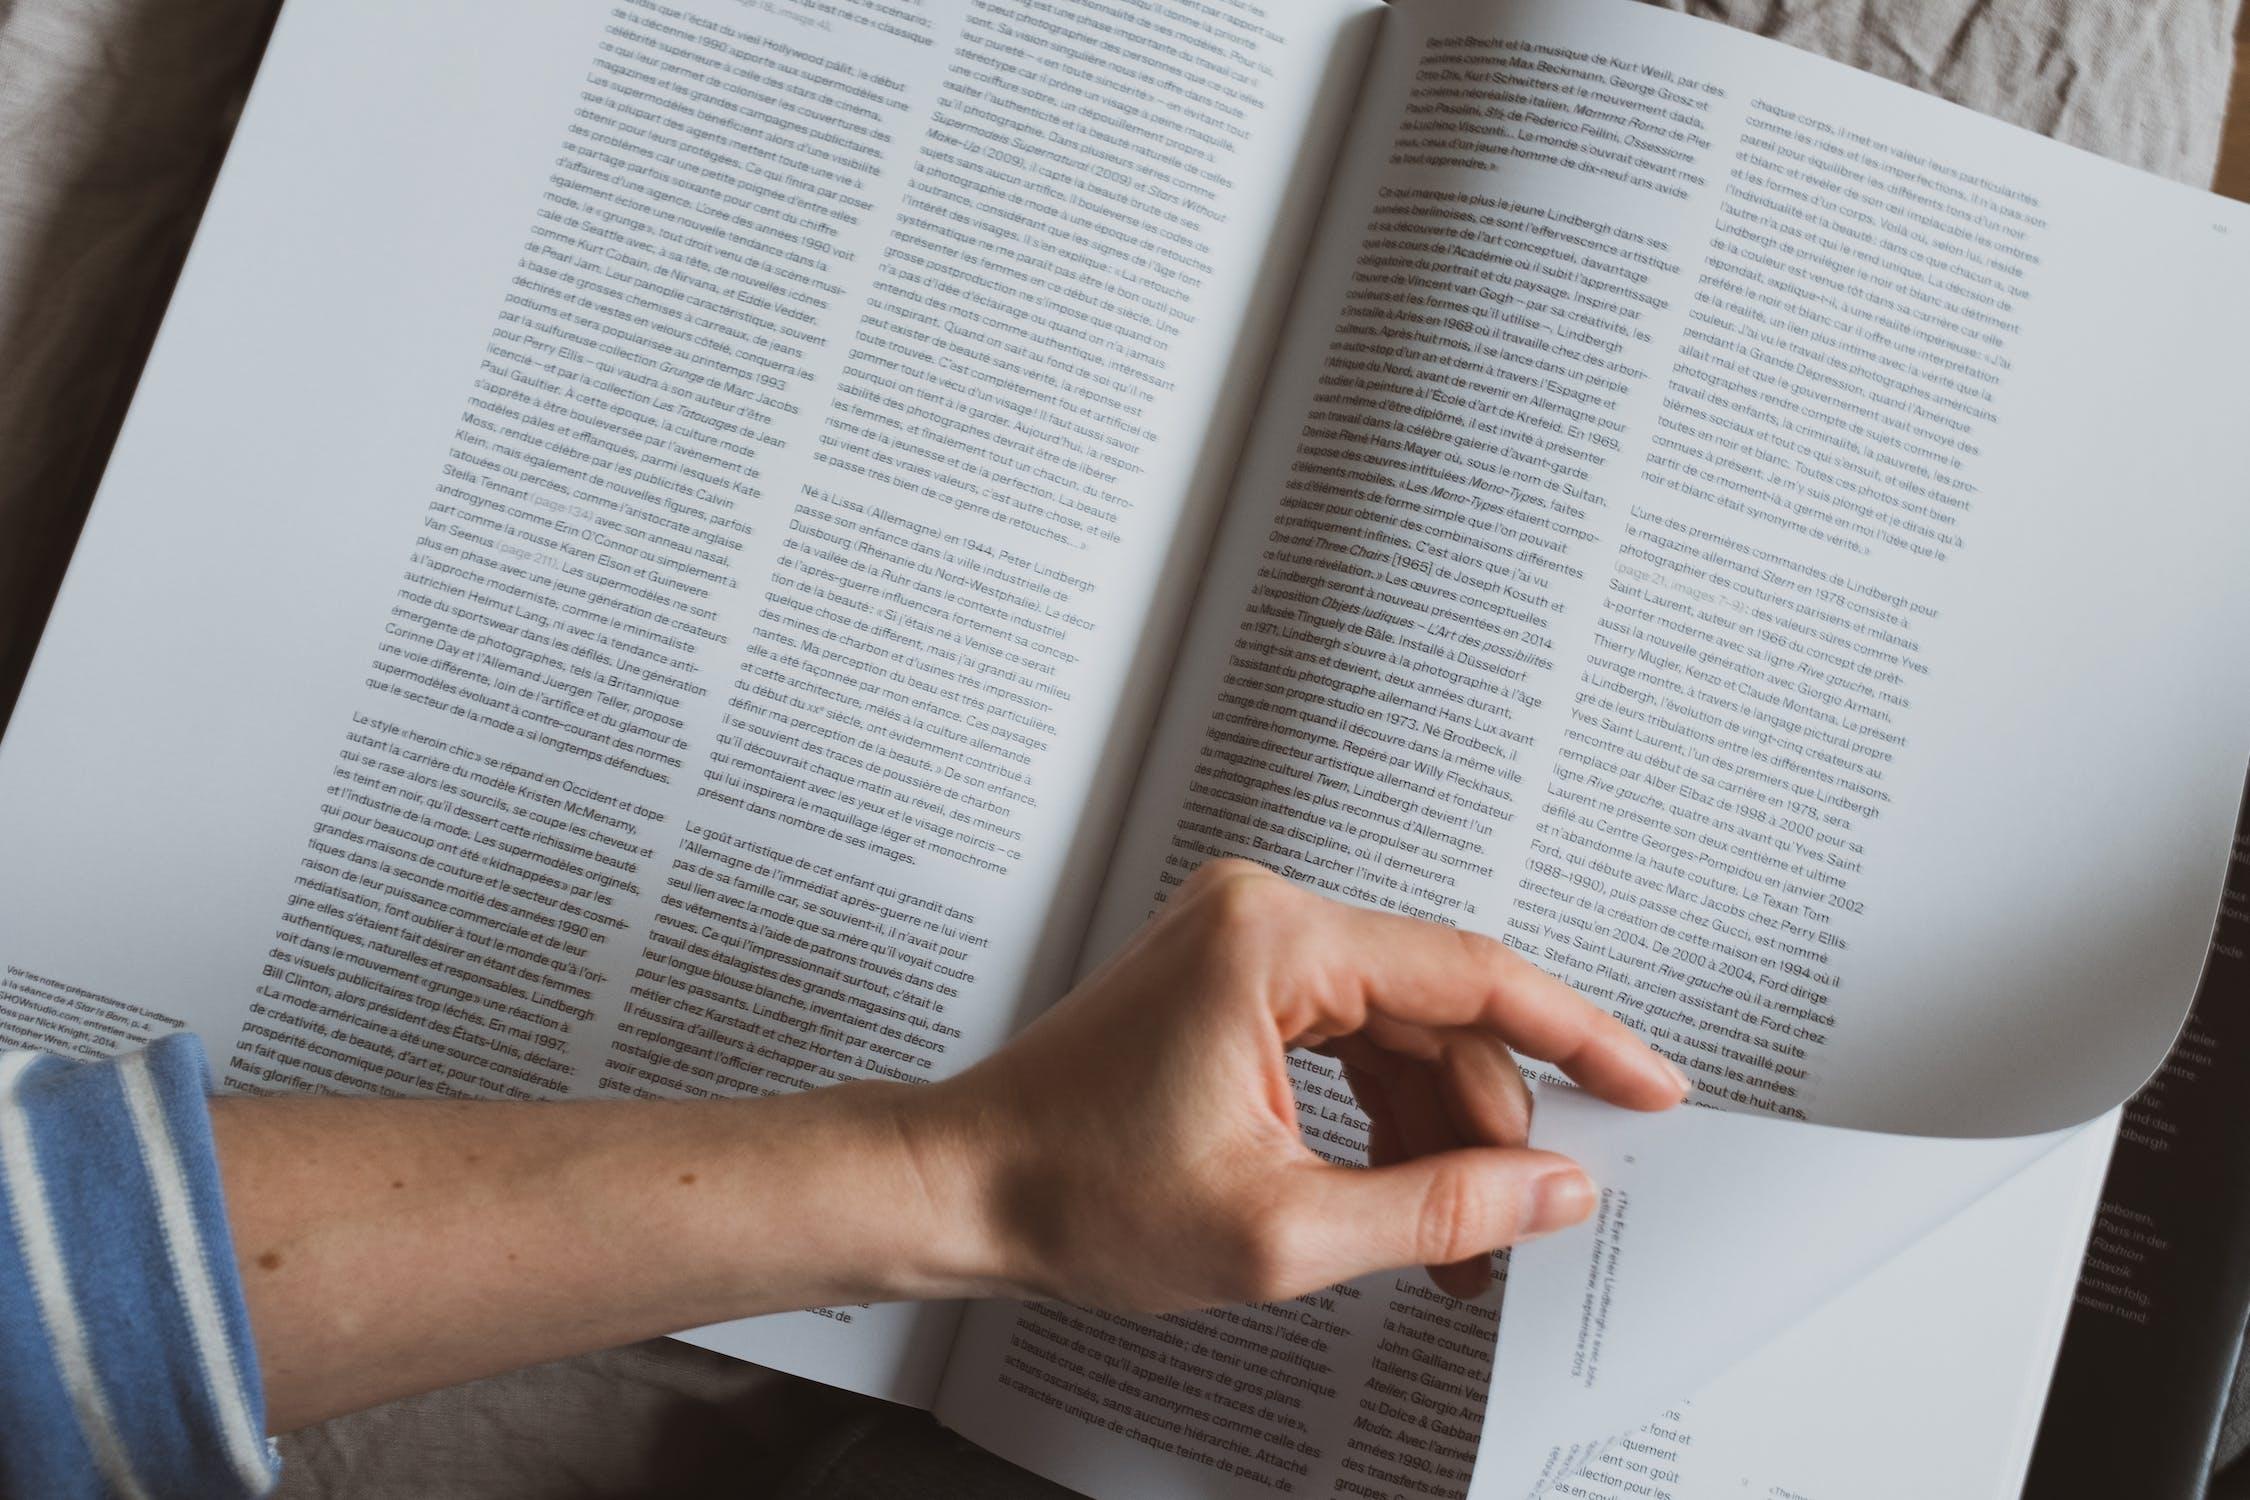 現代文の評論文の問題を解く際に意識するべきこと『判断基準は筆者の記述』